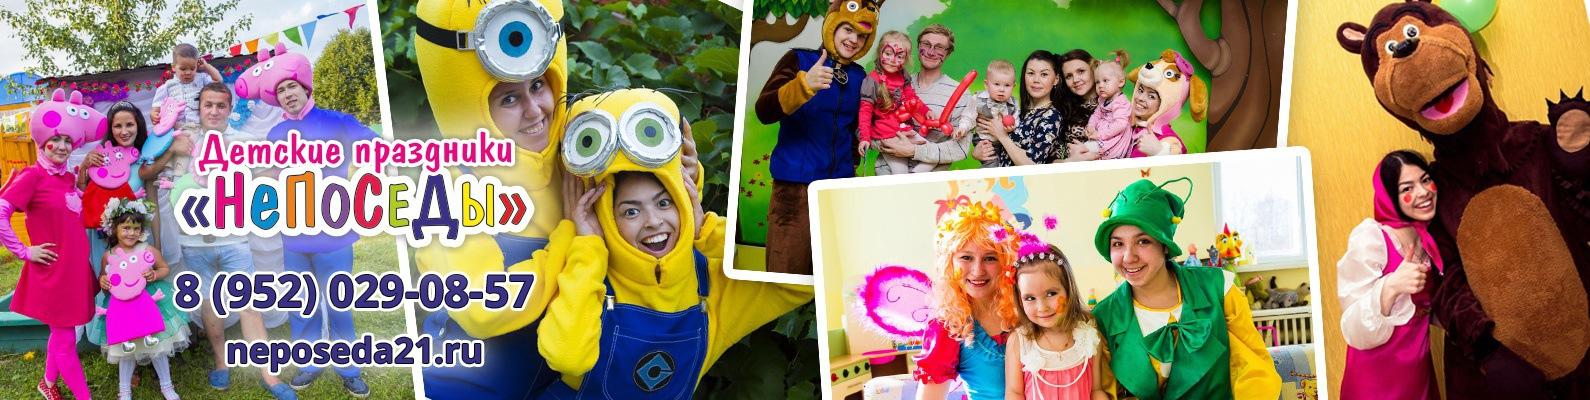 Непоседы чебоксары детские праздники